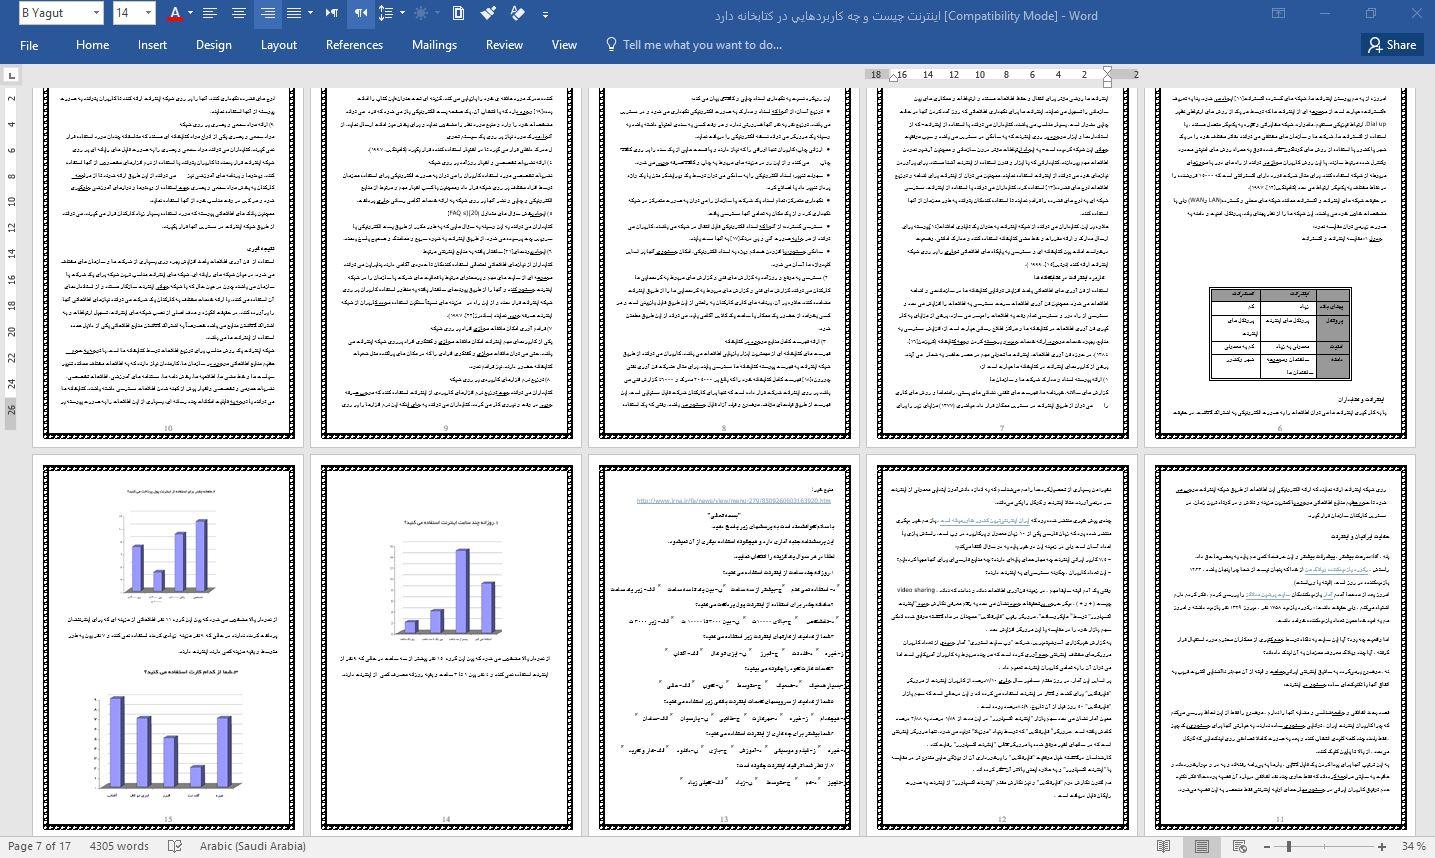 پروژه آمار استفاده از اینترنت و اینترانت و کاربرد آن در كتابخانه ها